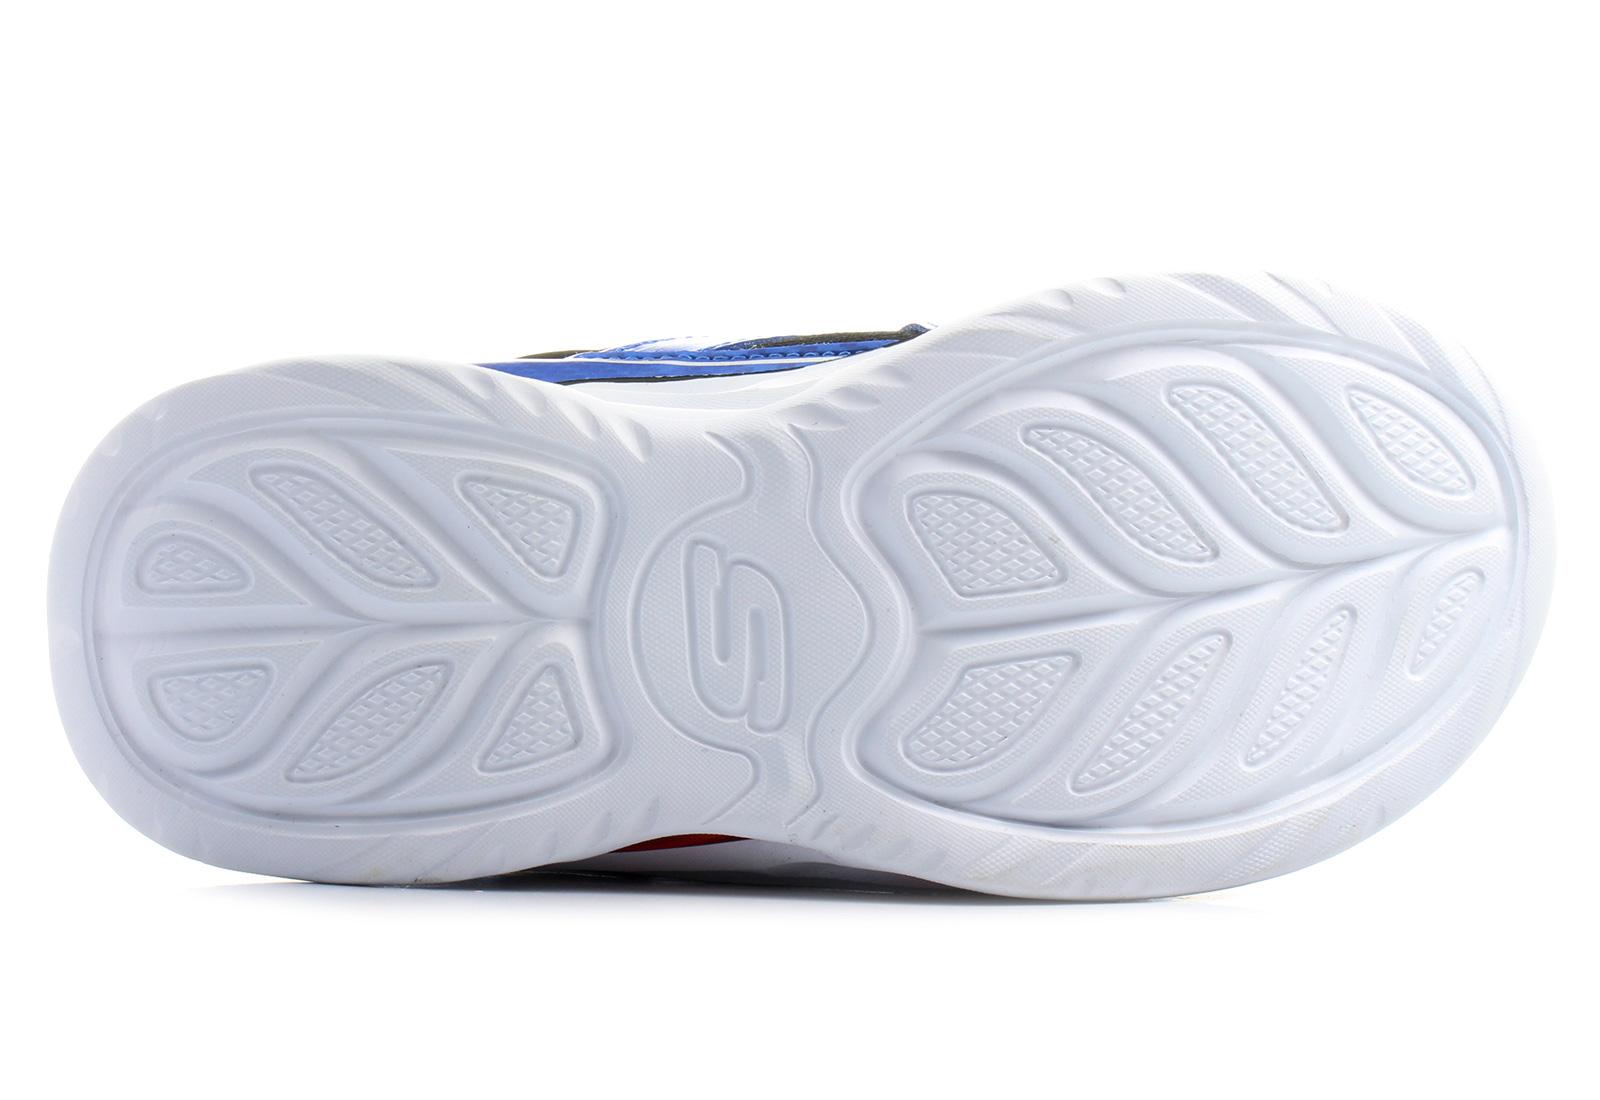 fb8f18eeacc3 Skechers Cipő - Ipox Light-up - 90385L-BLBK - Office Shoes Magyarország